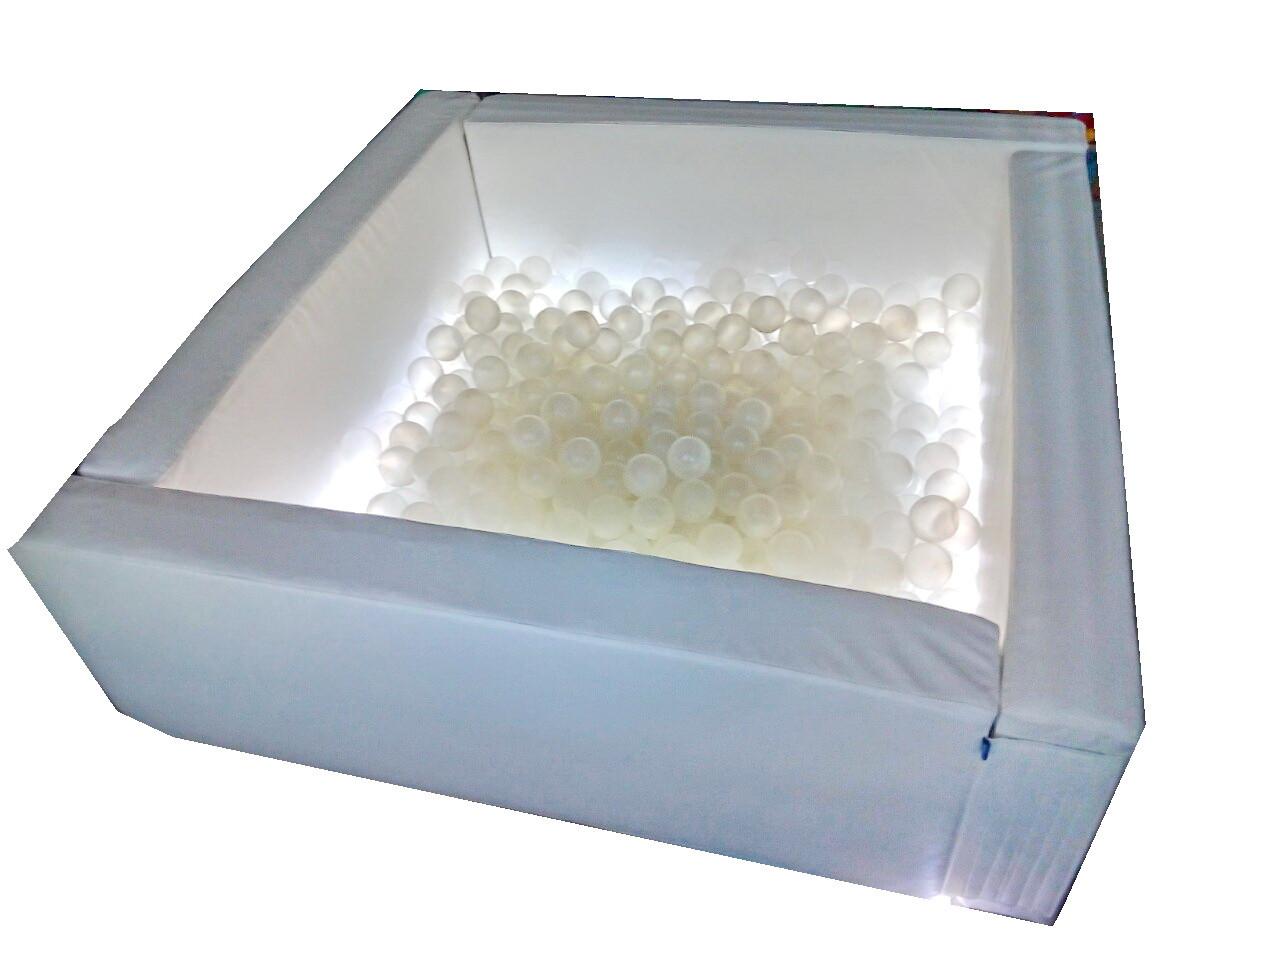 Сухой бассейн Светотерапия квадратный 150х40 см TIA-SPORT